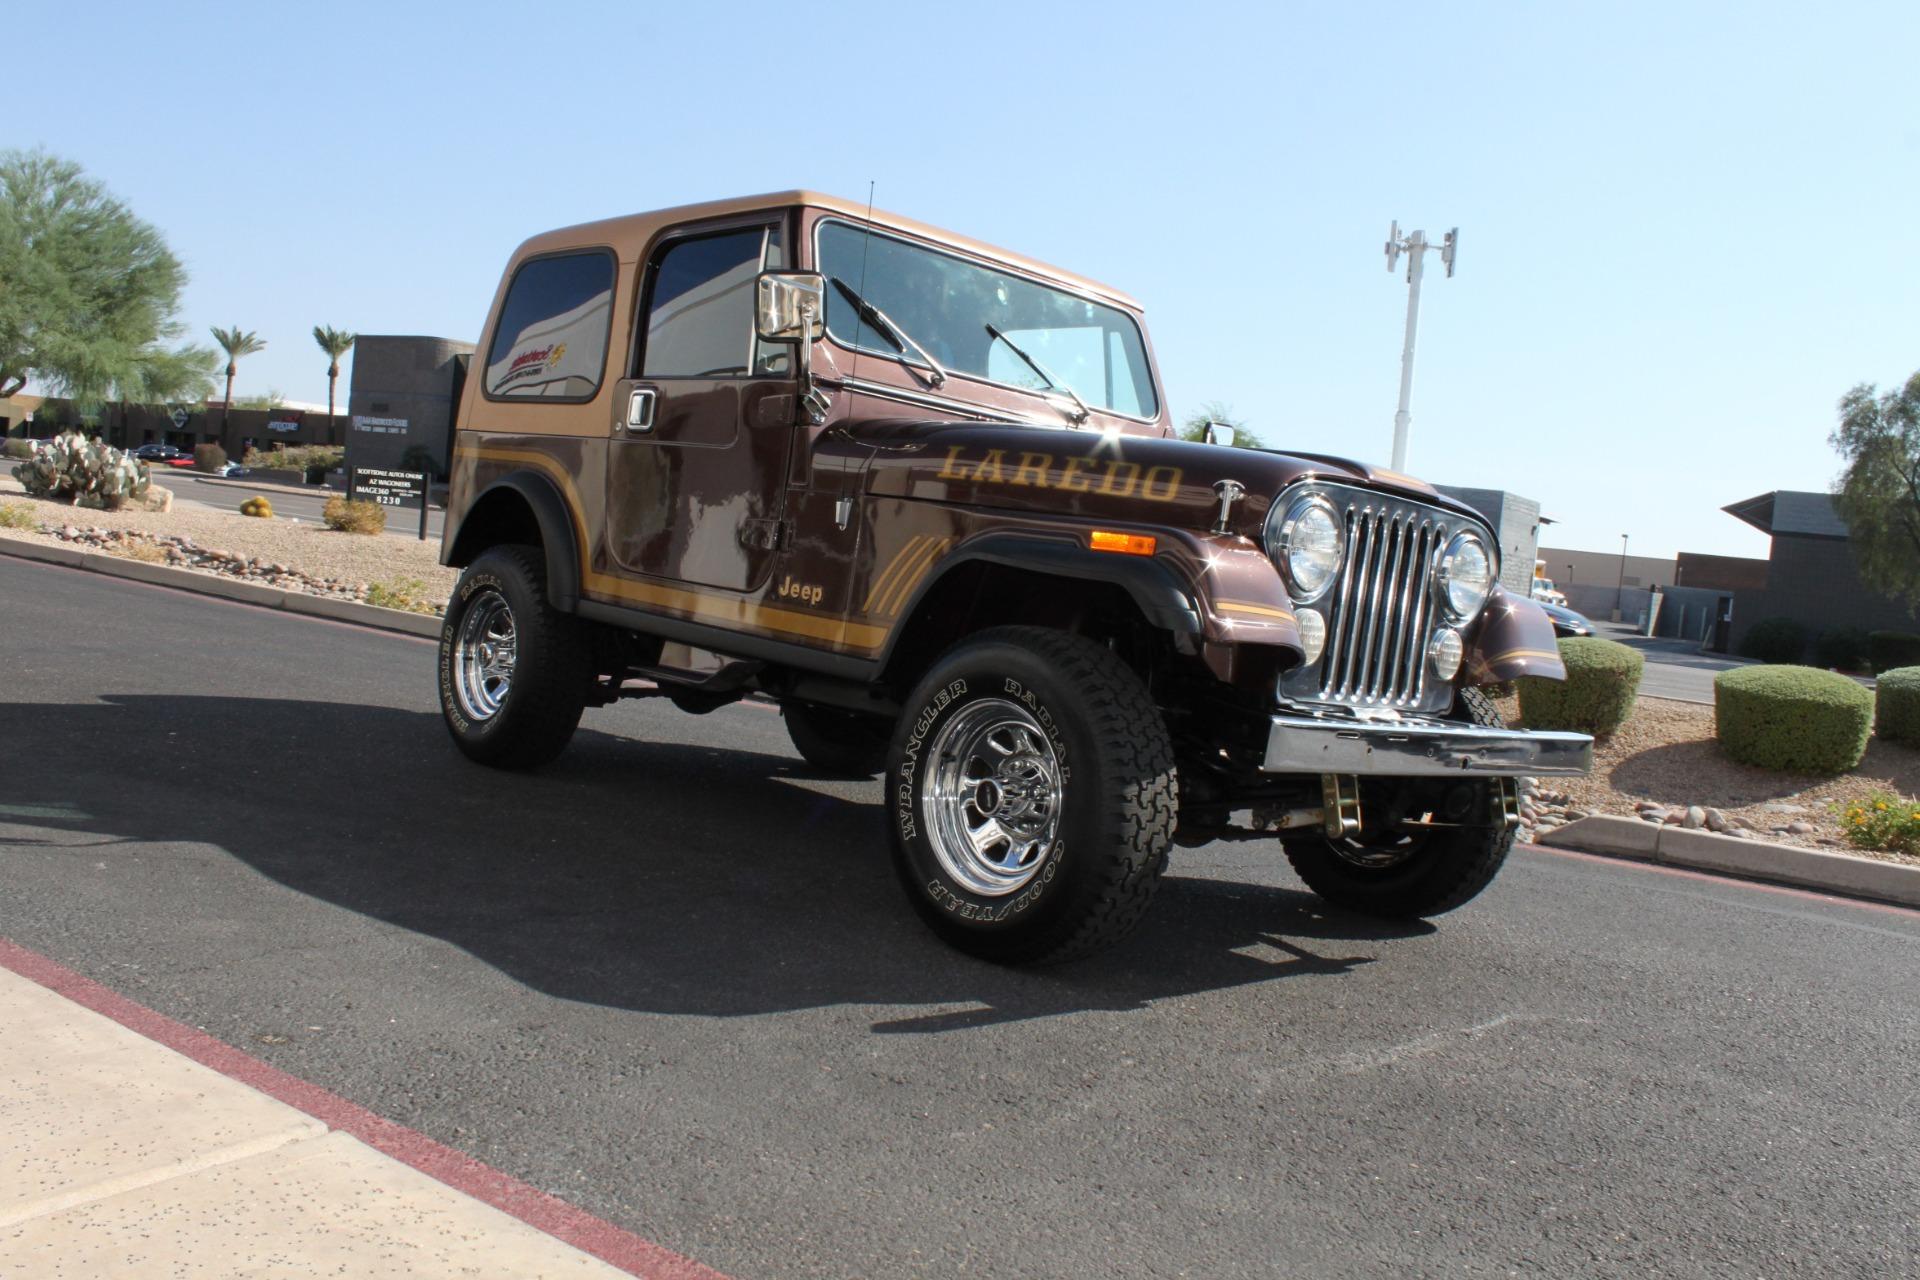 Used-1985-Jeep-CJ-7-Laredo-4WD-Fiat